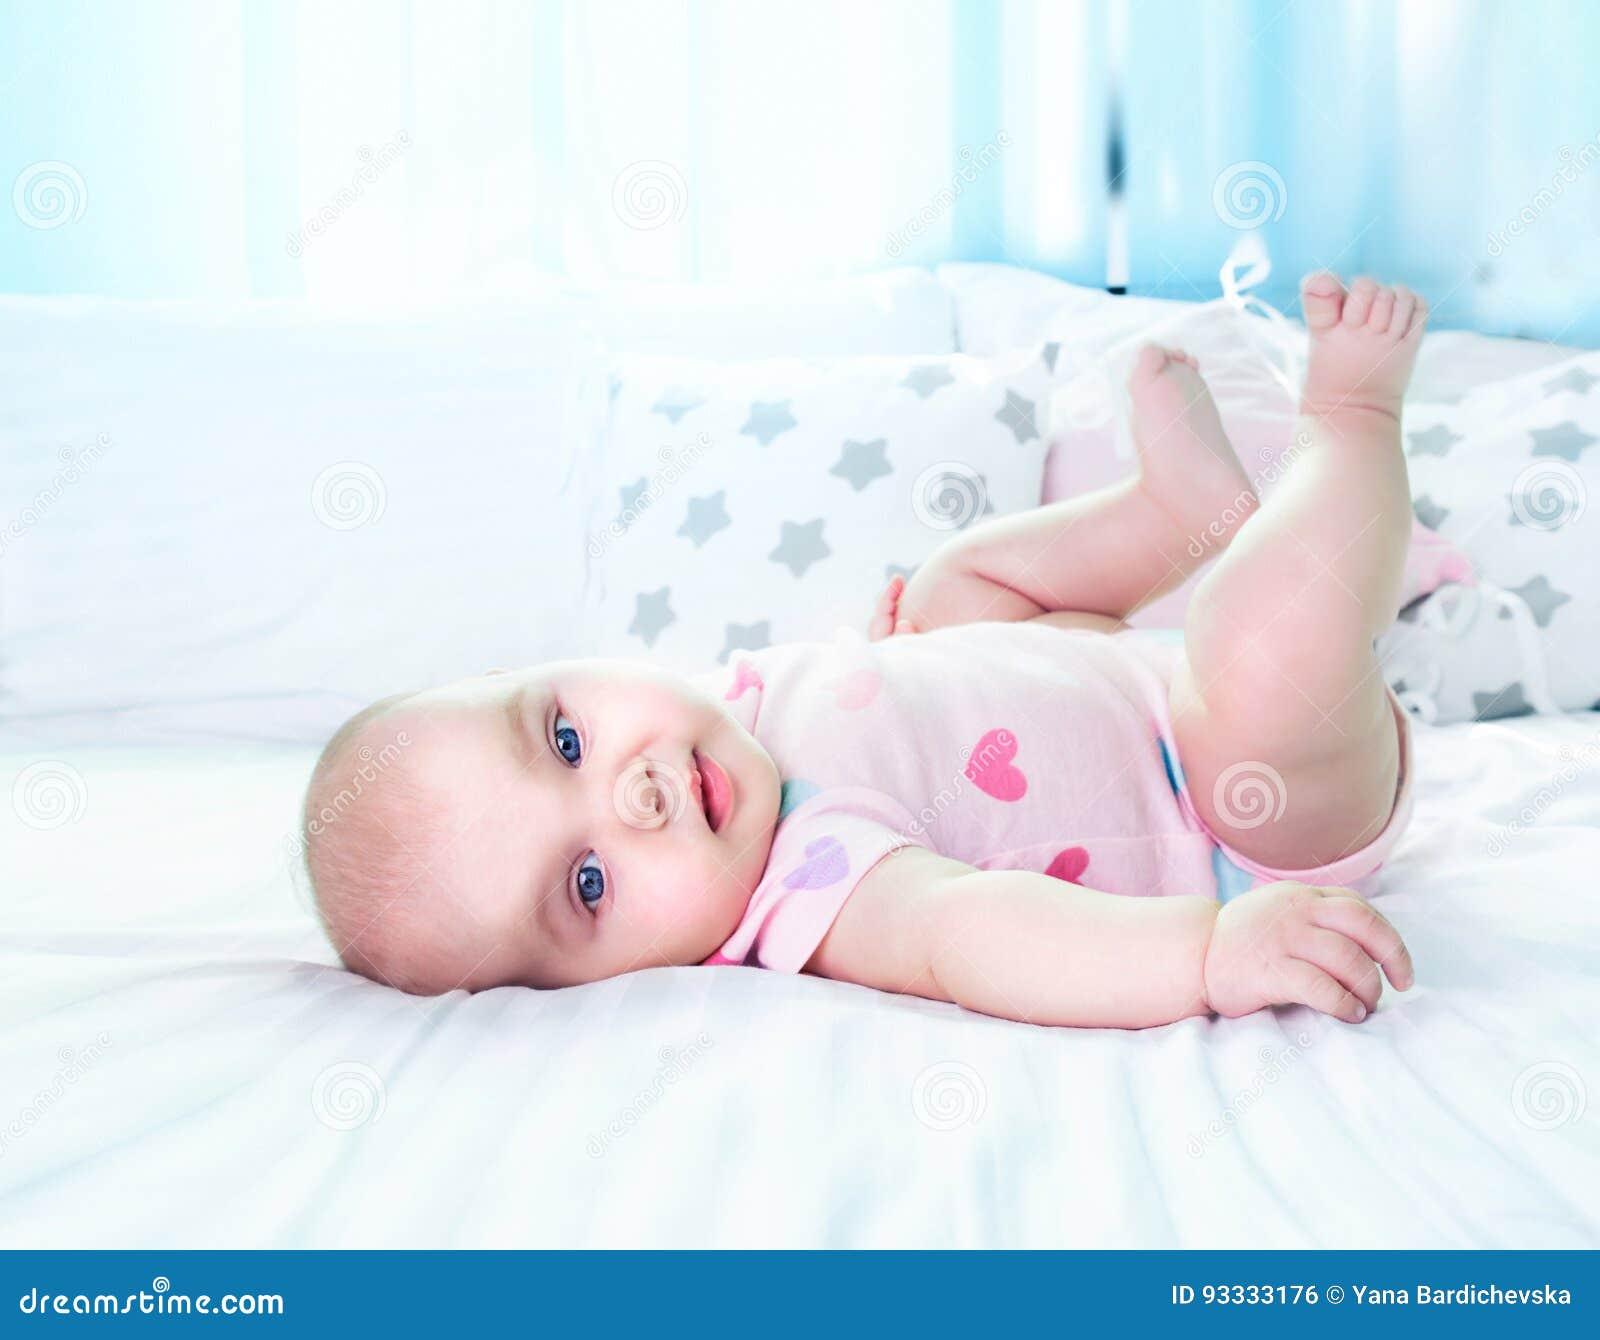 Fondo vacío del espacio del retrato del bebé